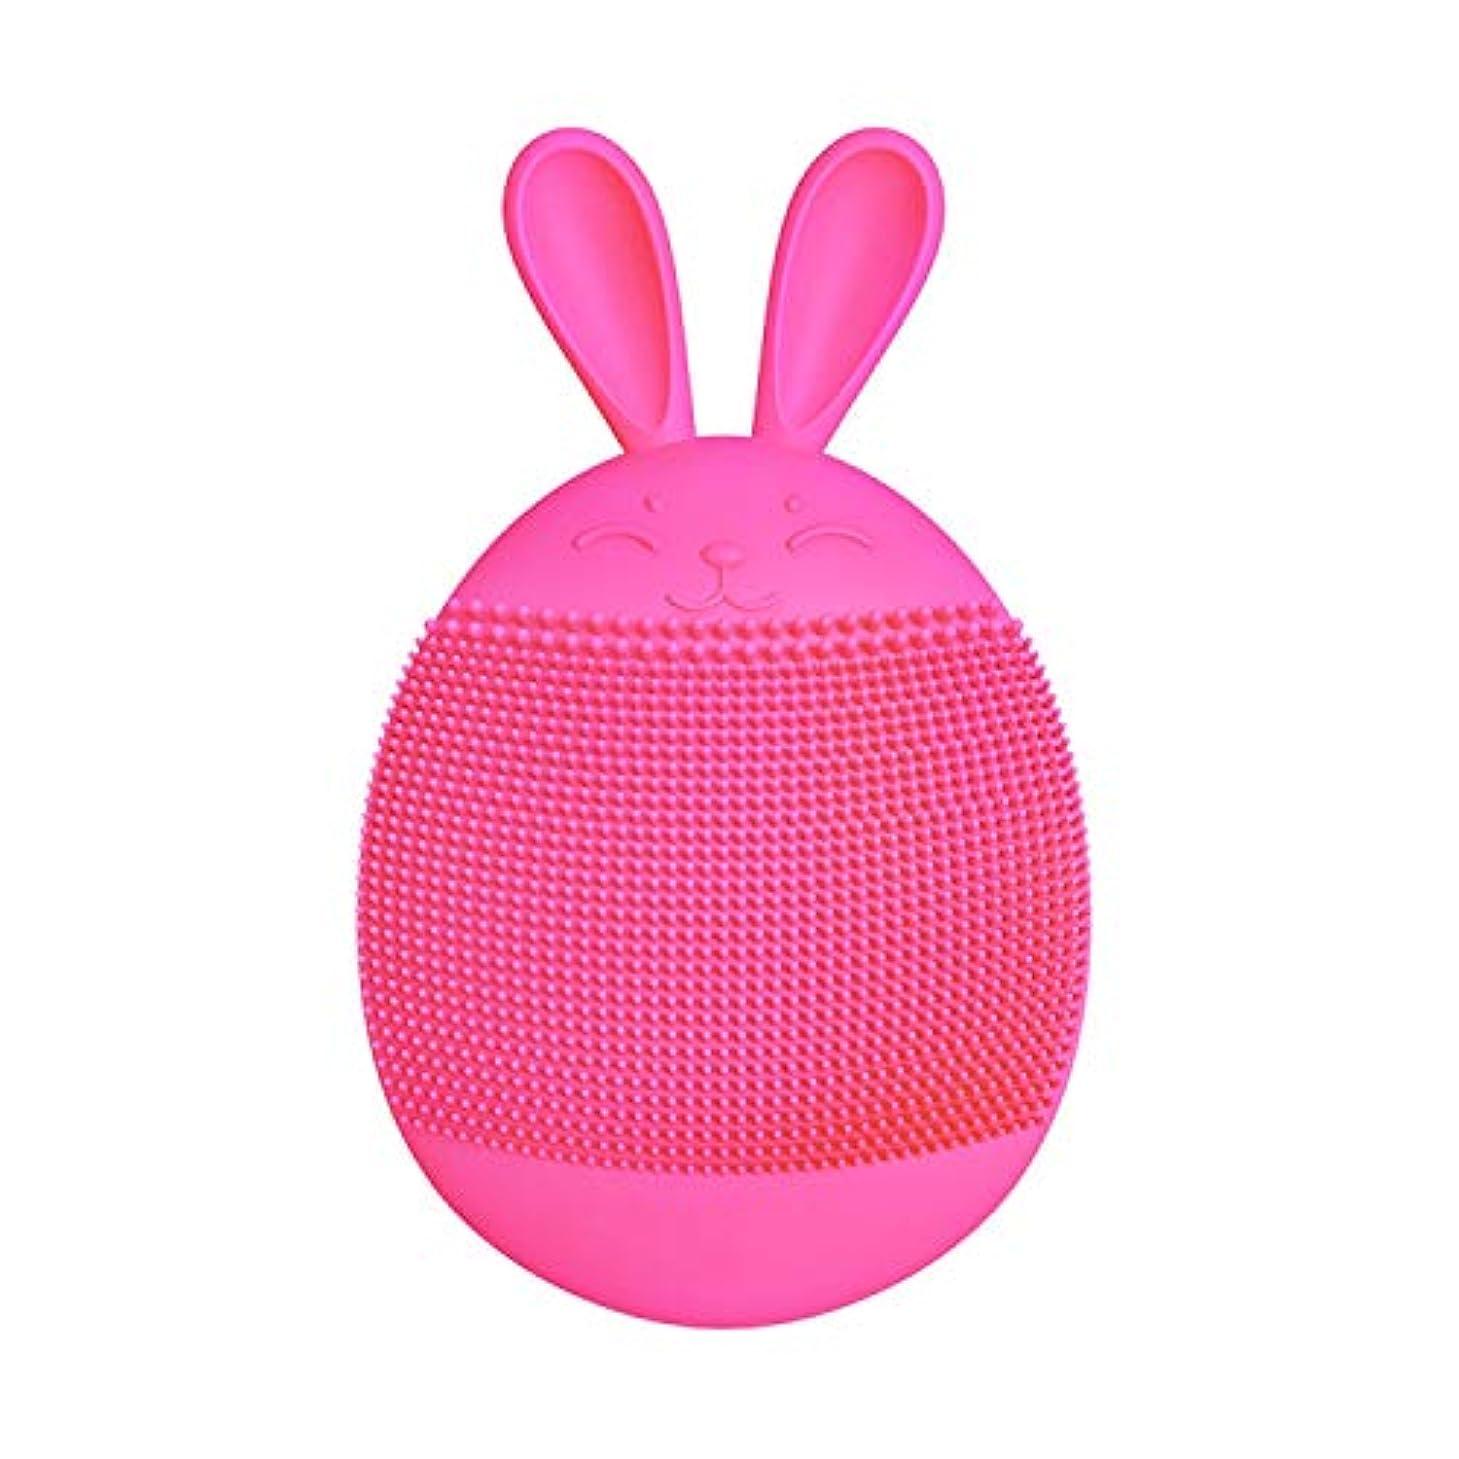 エピソード高めるジャンクションクレンジングブラシ、シリコンハンドヘルド電動クレンジング楽器多機能ポータブル洗顔美容器具(ピンク),D